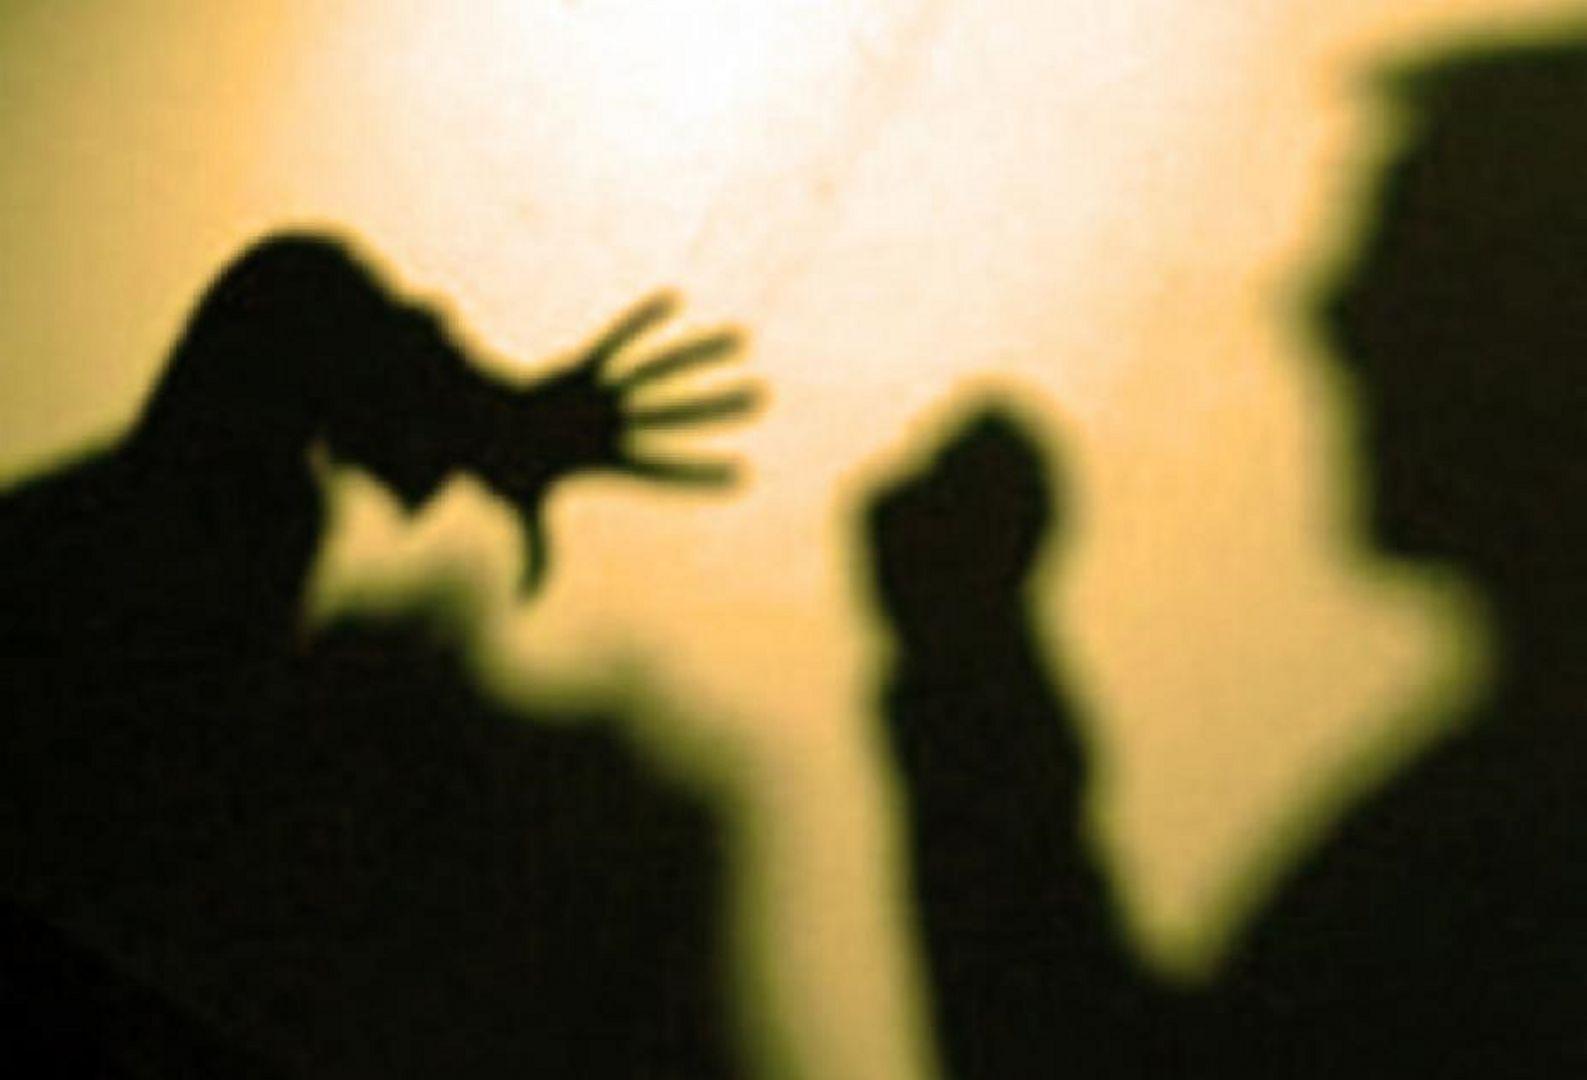 Жительница Пятигорска получила 7 лет колонии за убийство сожителя